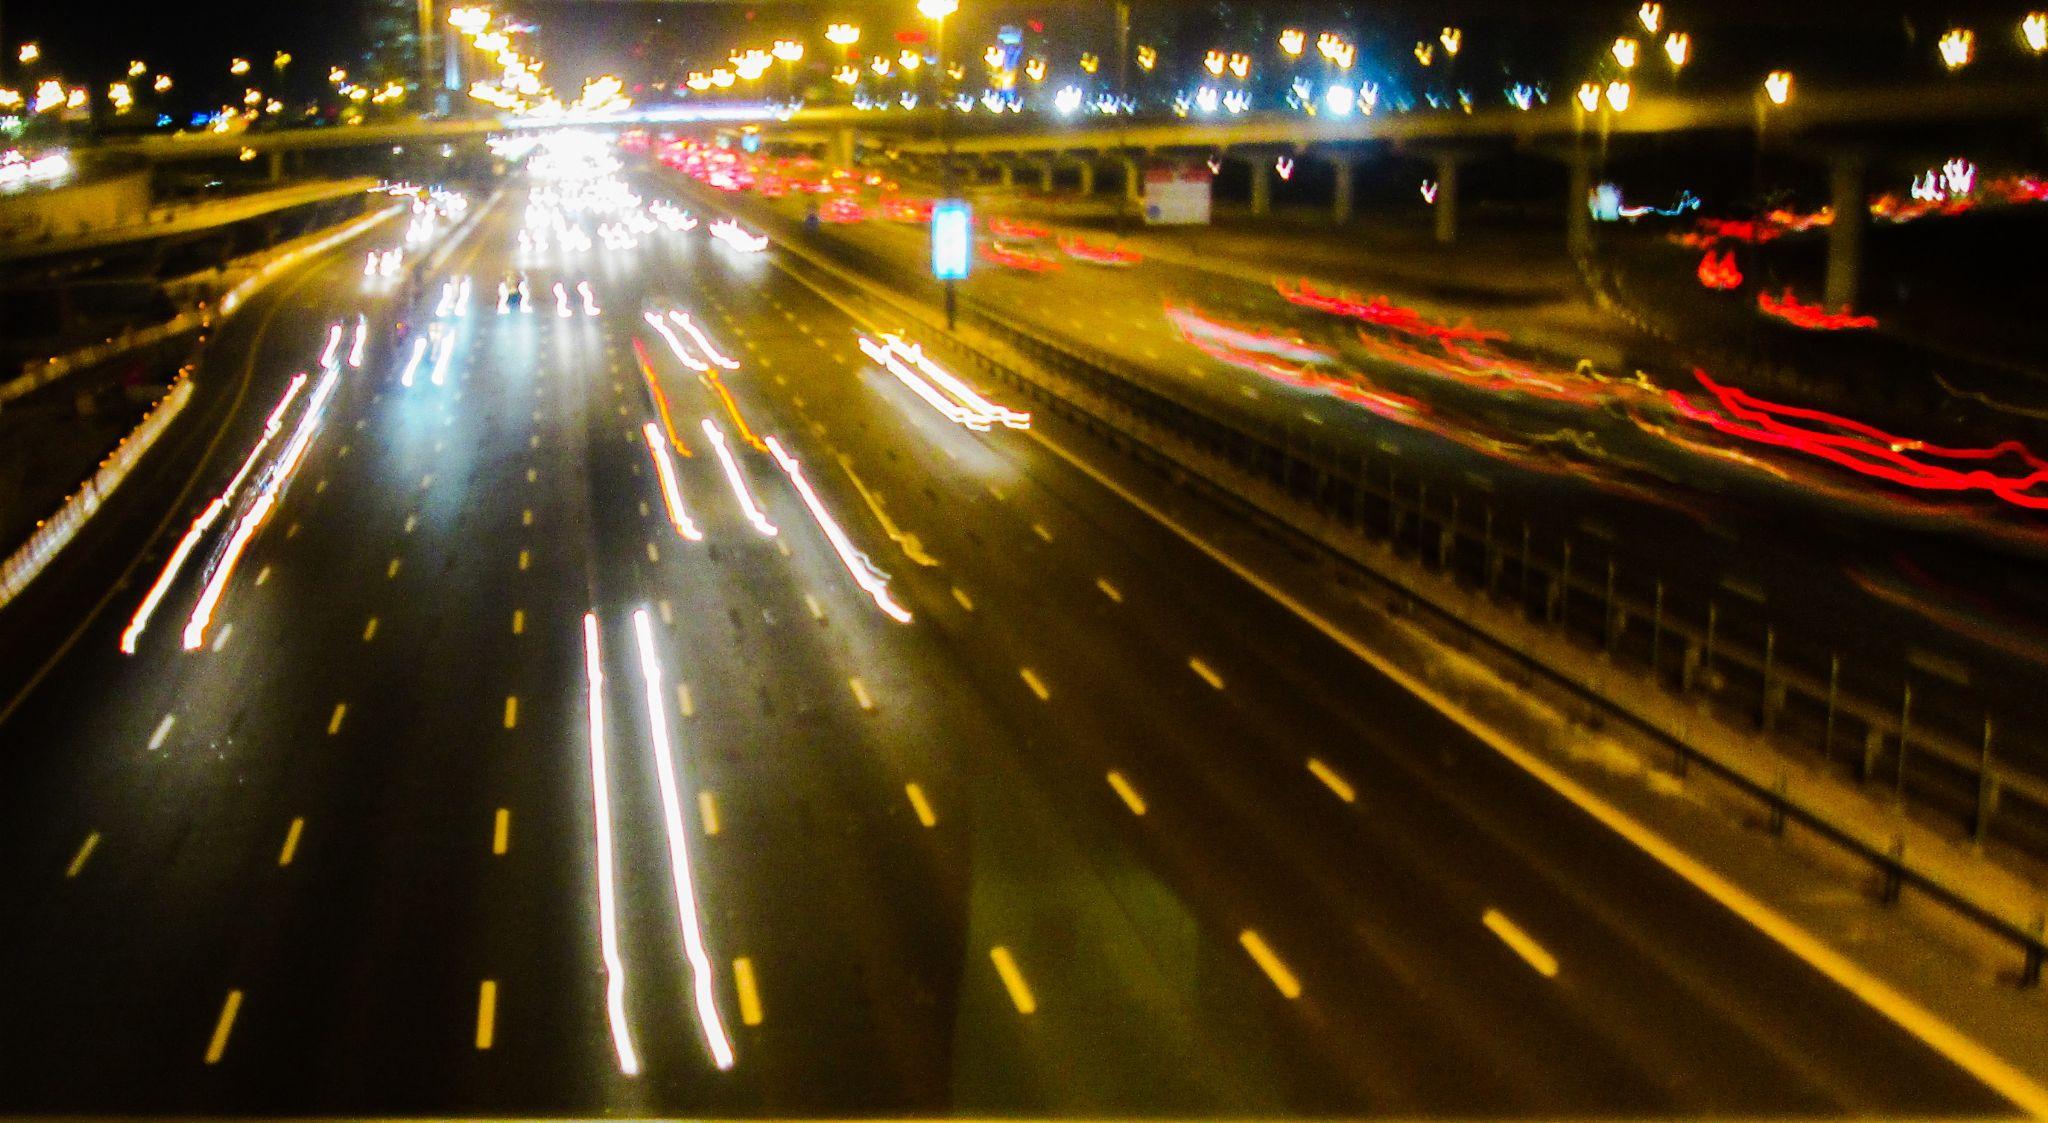 rush hour by Cathy Sunga